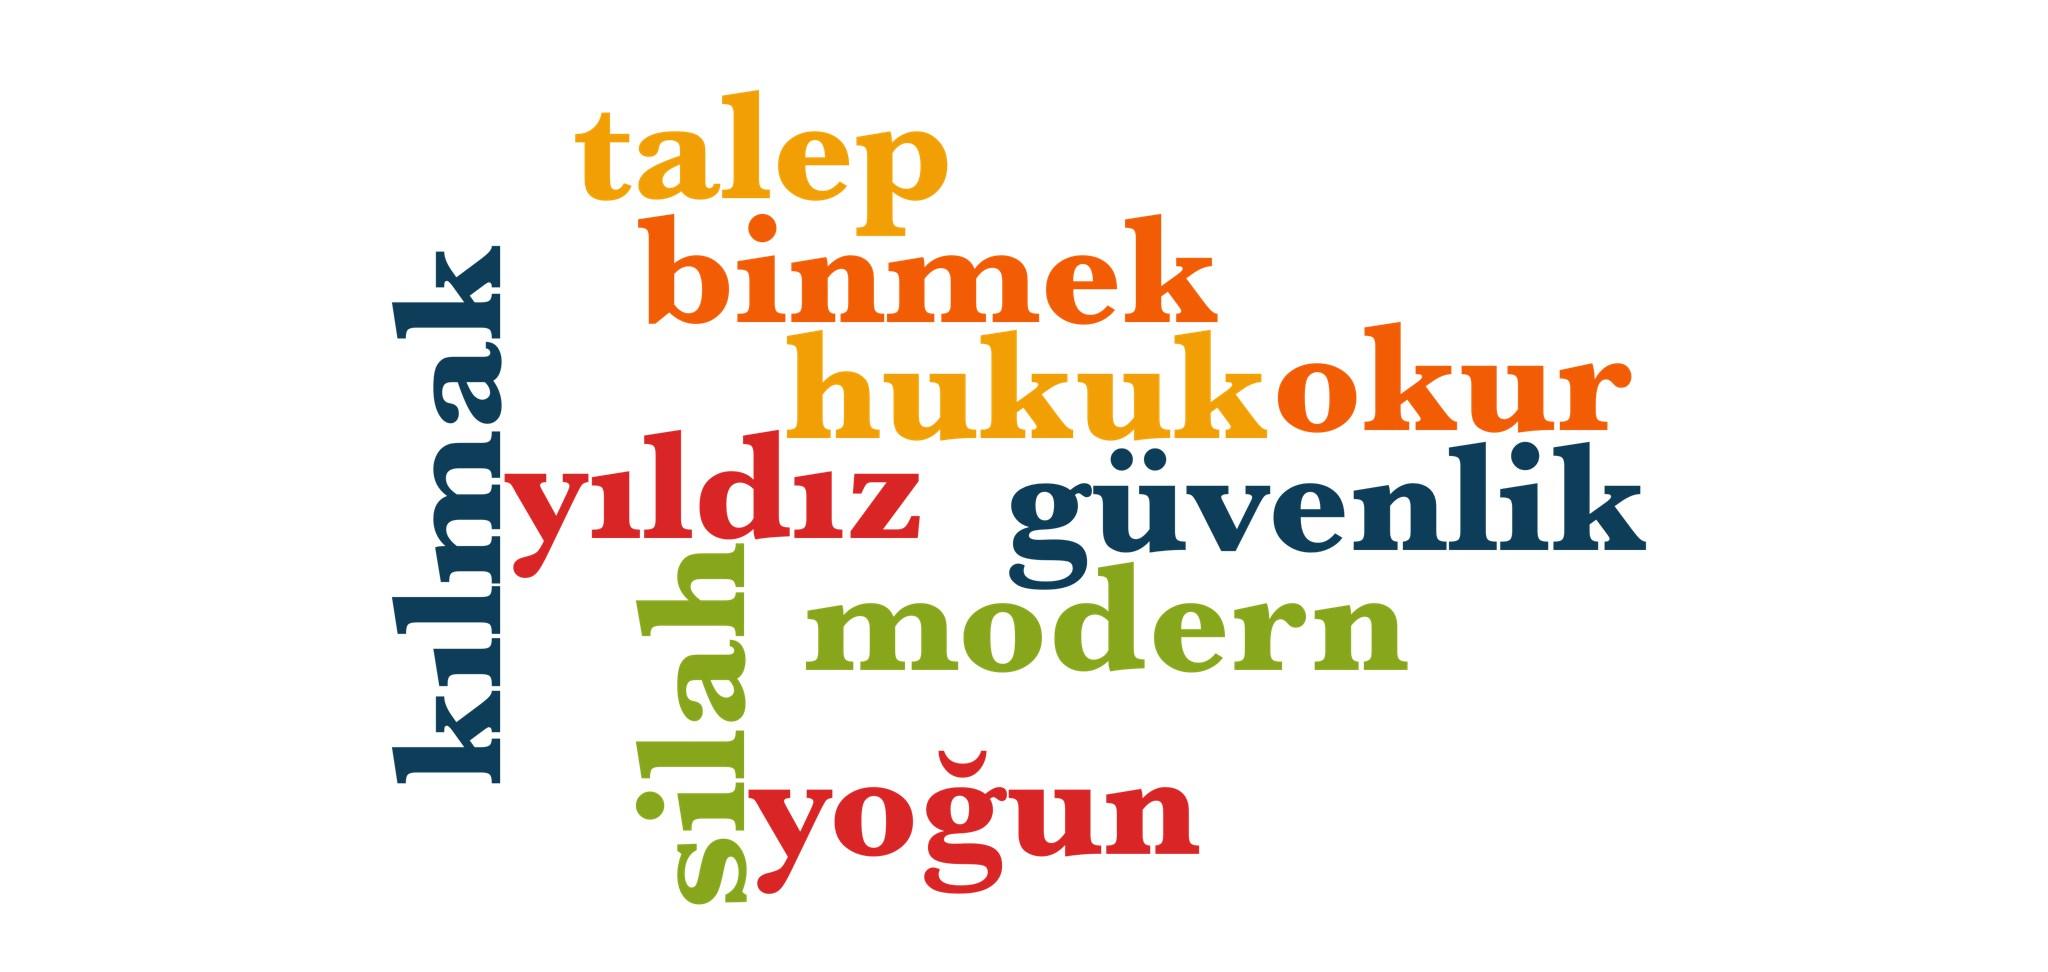 Wörter 901 bis 910 der 1000 häufigsten Wörter der türkischen Sprache